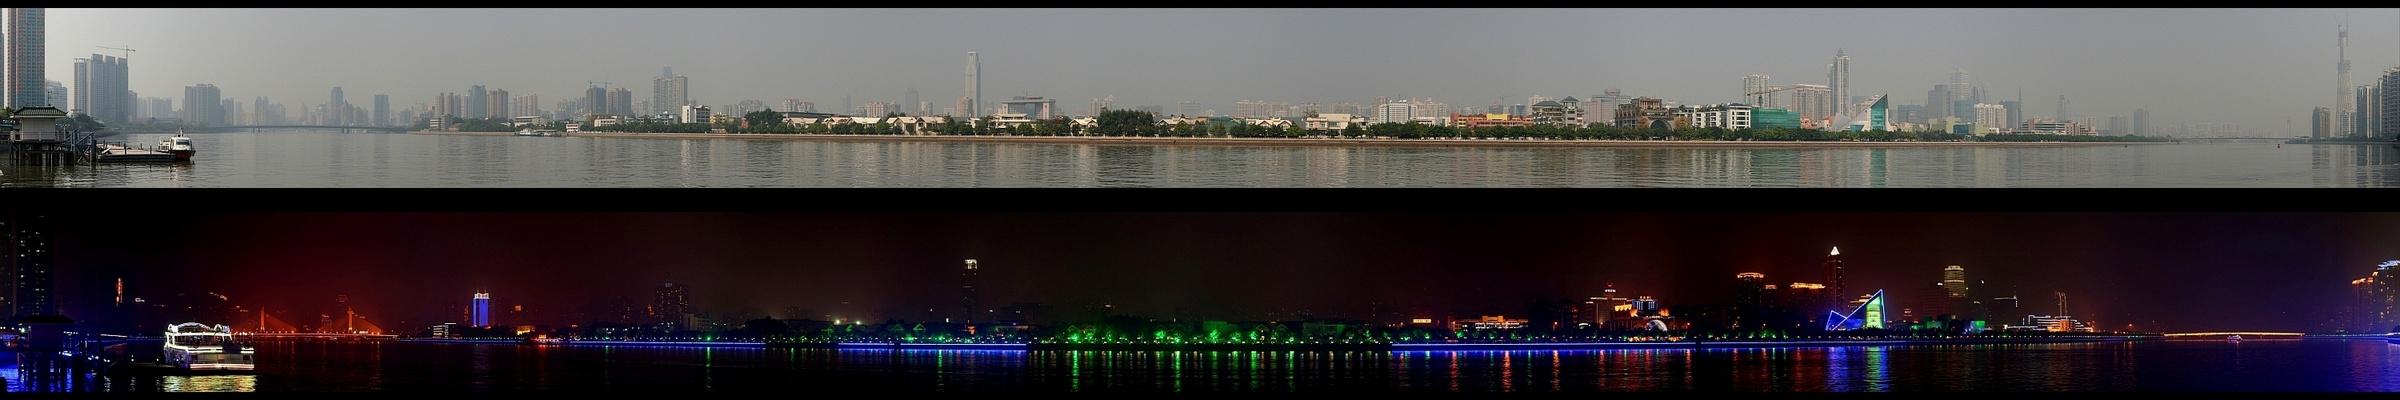 China: Day vs. Night